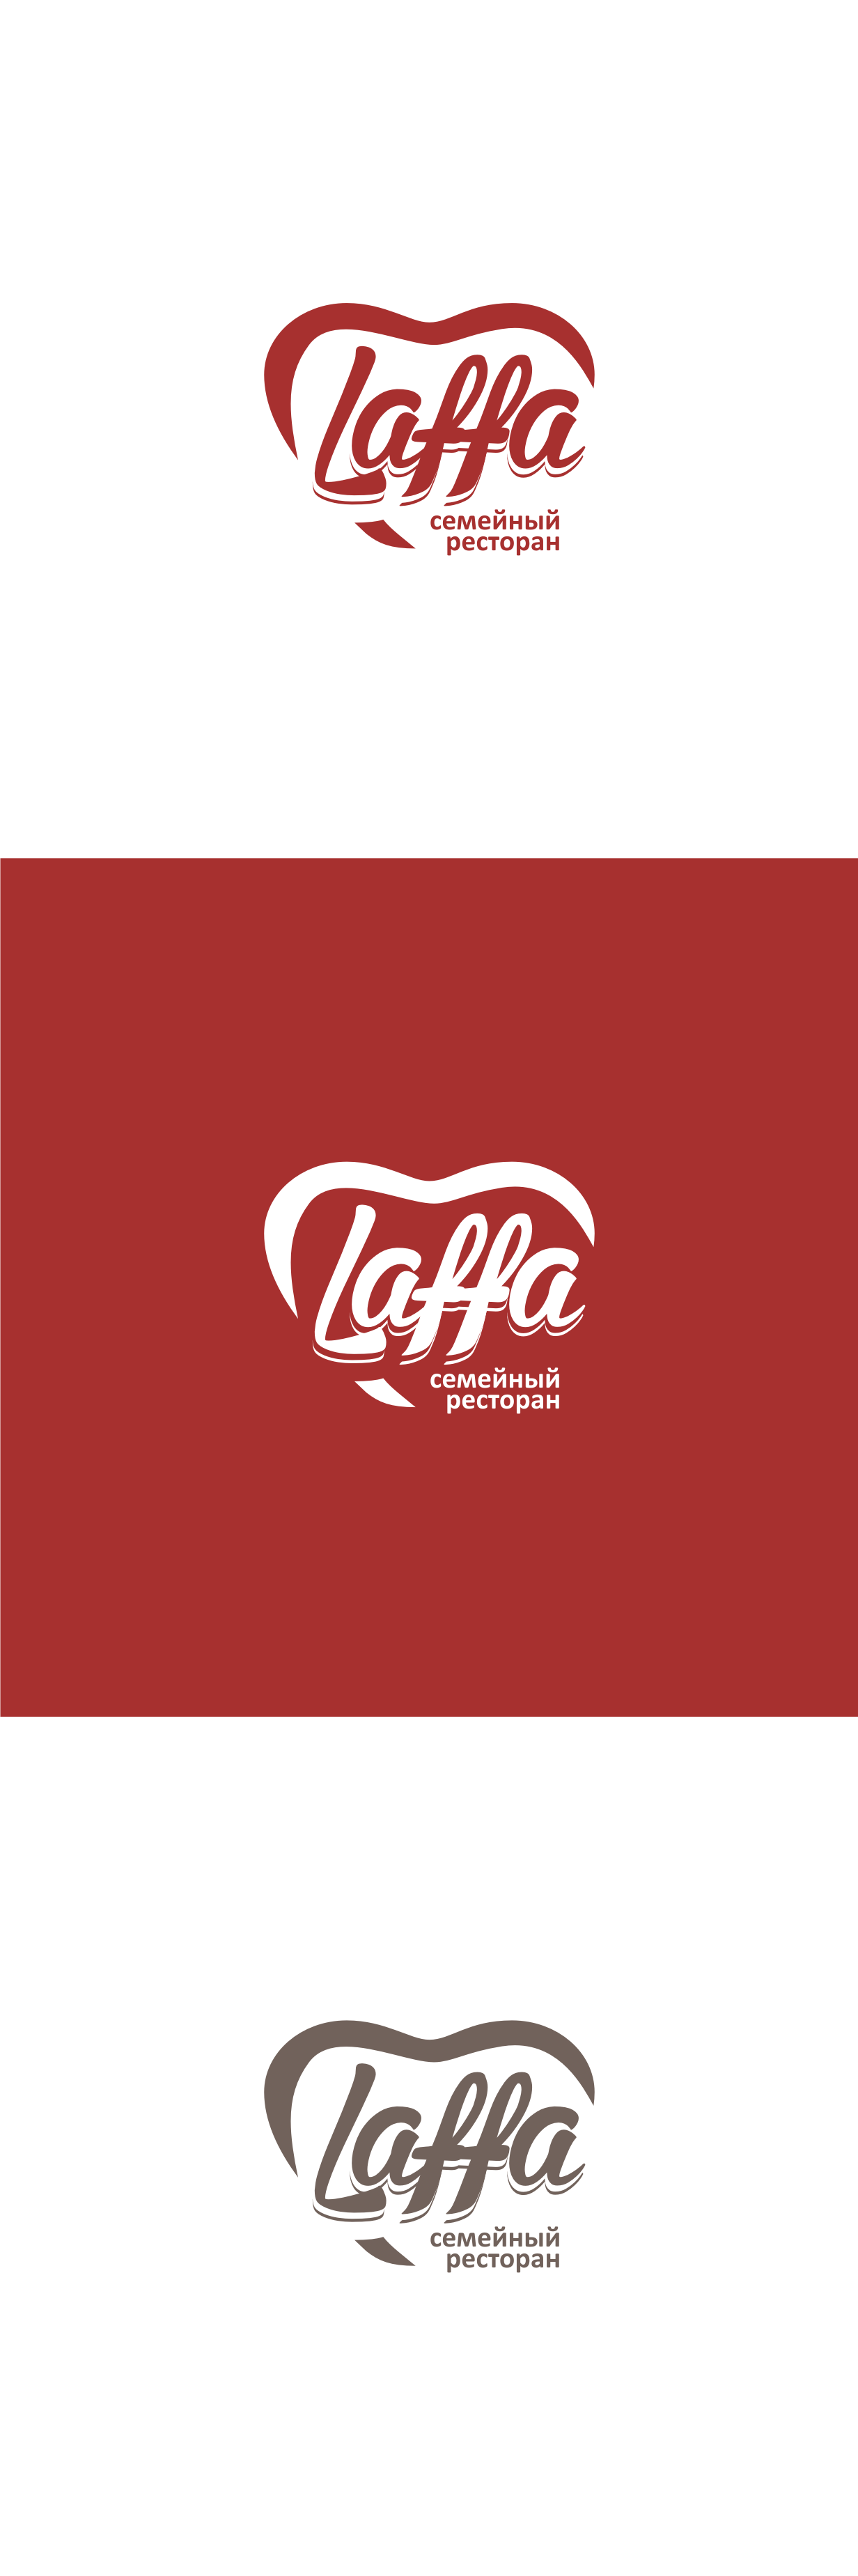 Нужно нарисовать логотип для семейного итальянского ресторан фото f_403554a8c136dd27.png